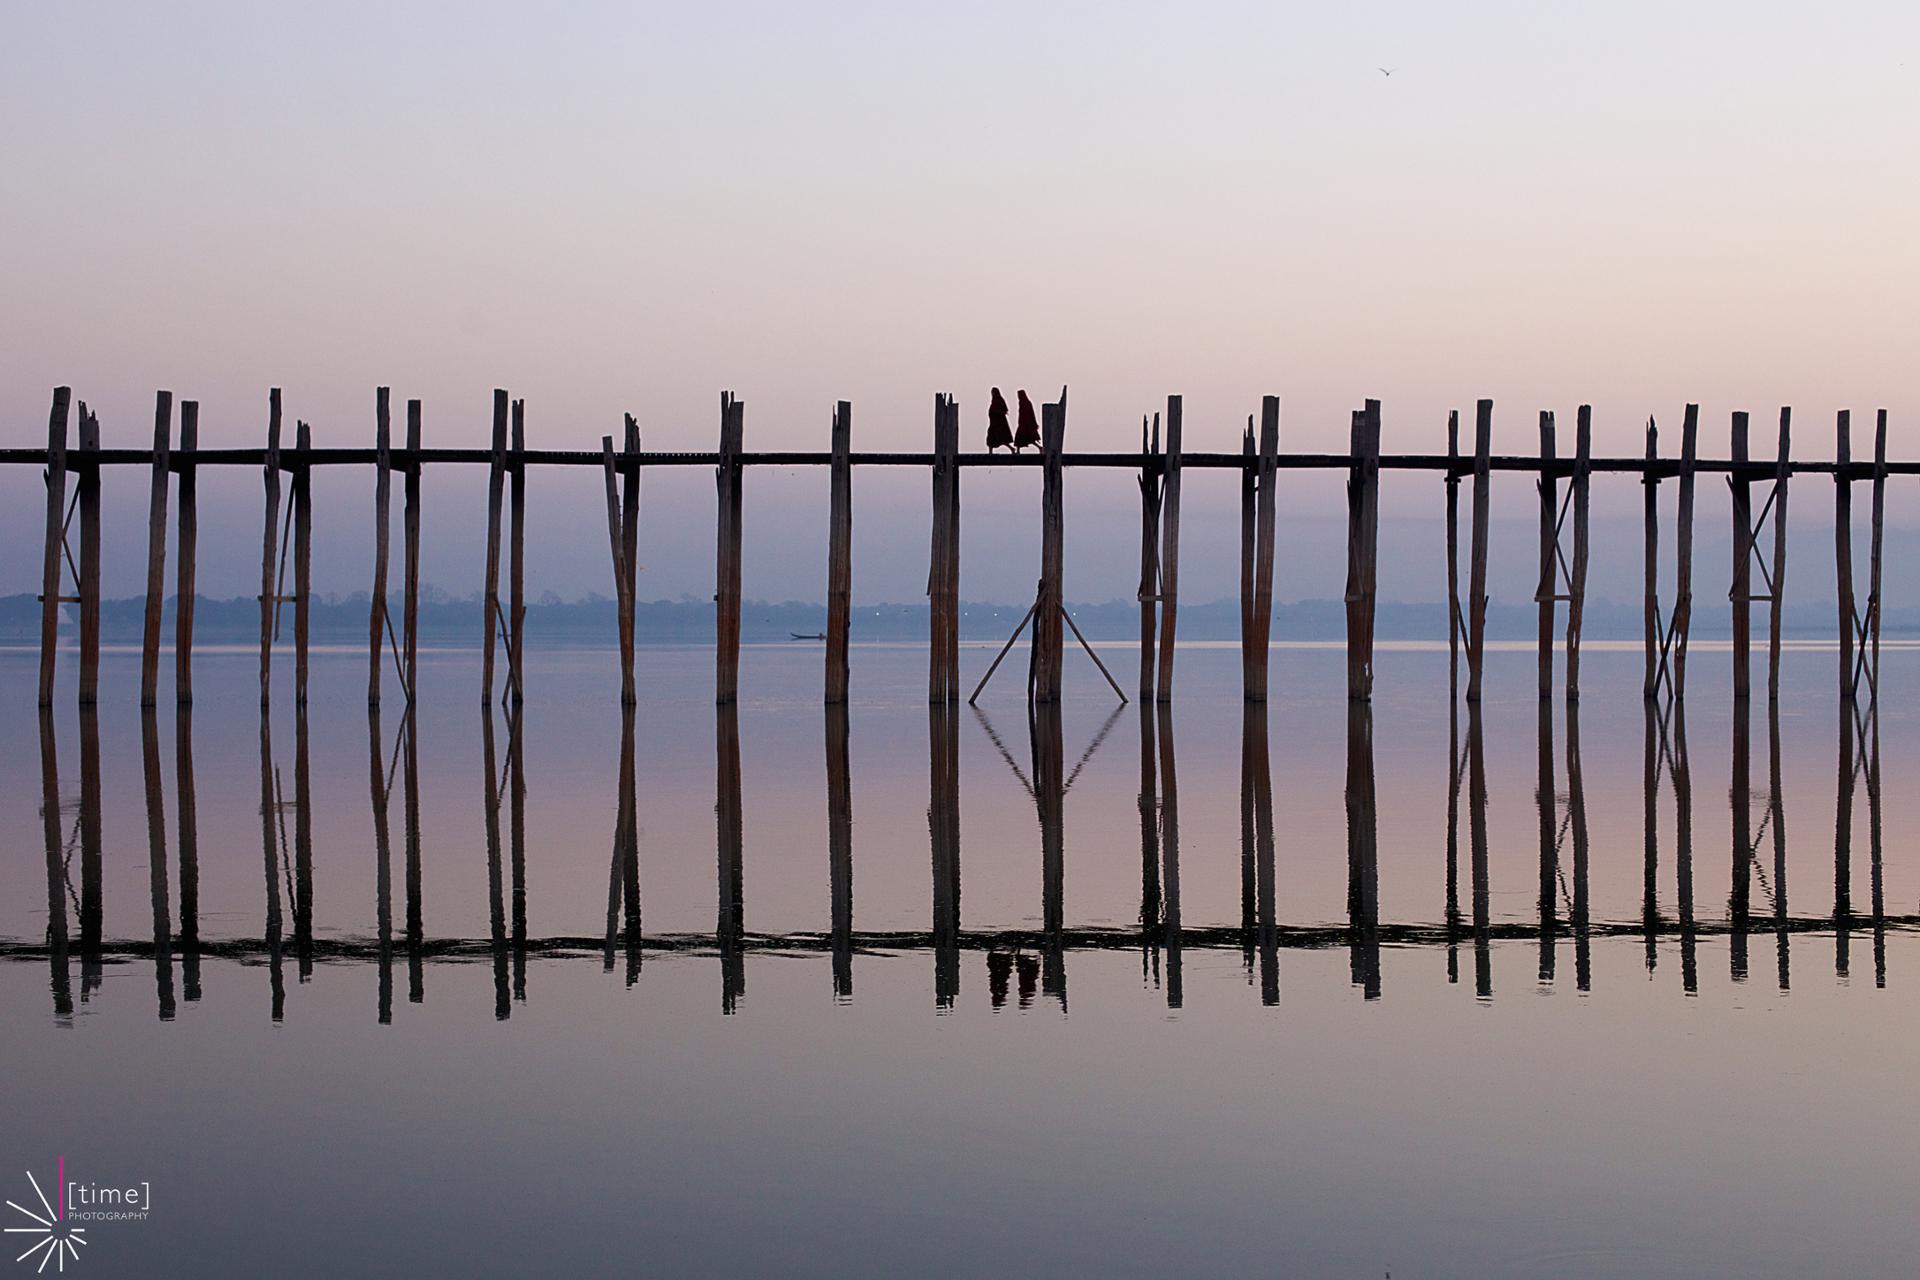 Le Pont U Bien au crépuscule en Birmanie